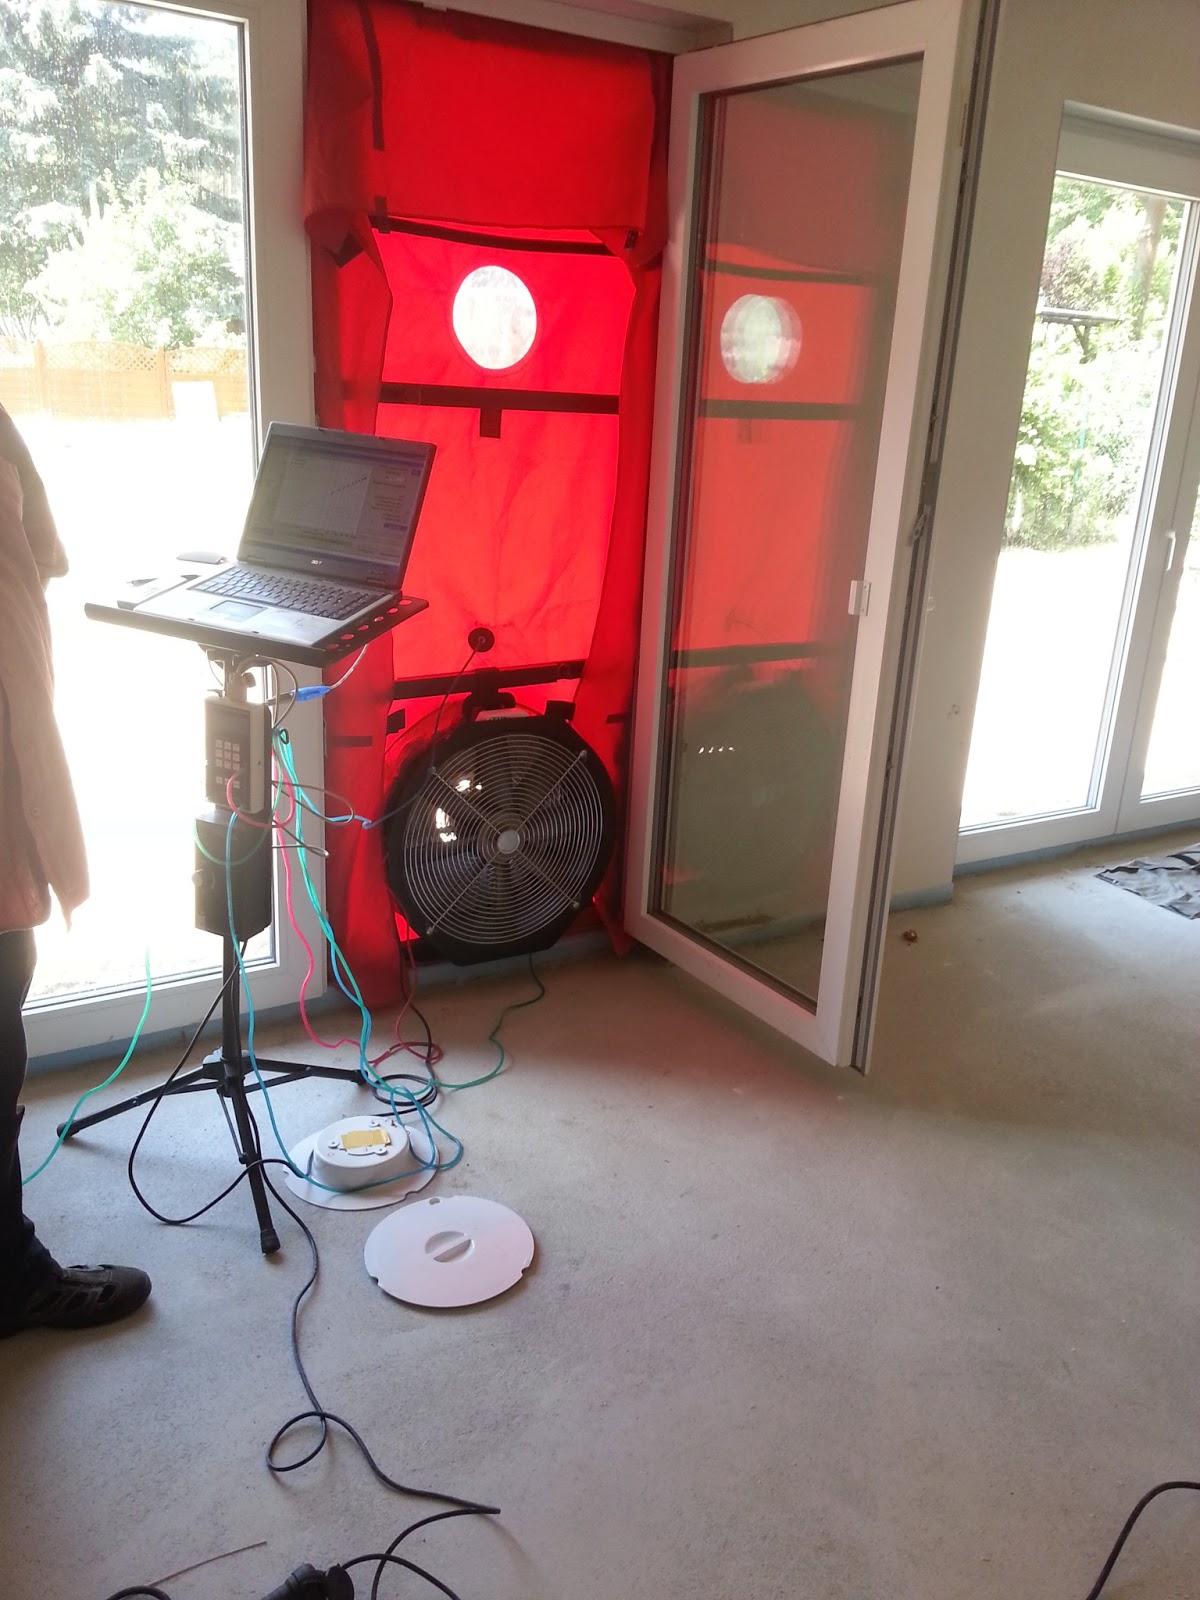 aileen und patrick bauen blower door test. Black Bedroom Furniture Sets. Home Design Ideas